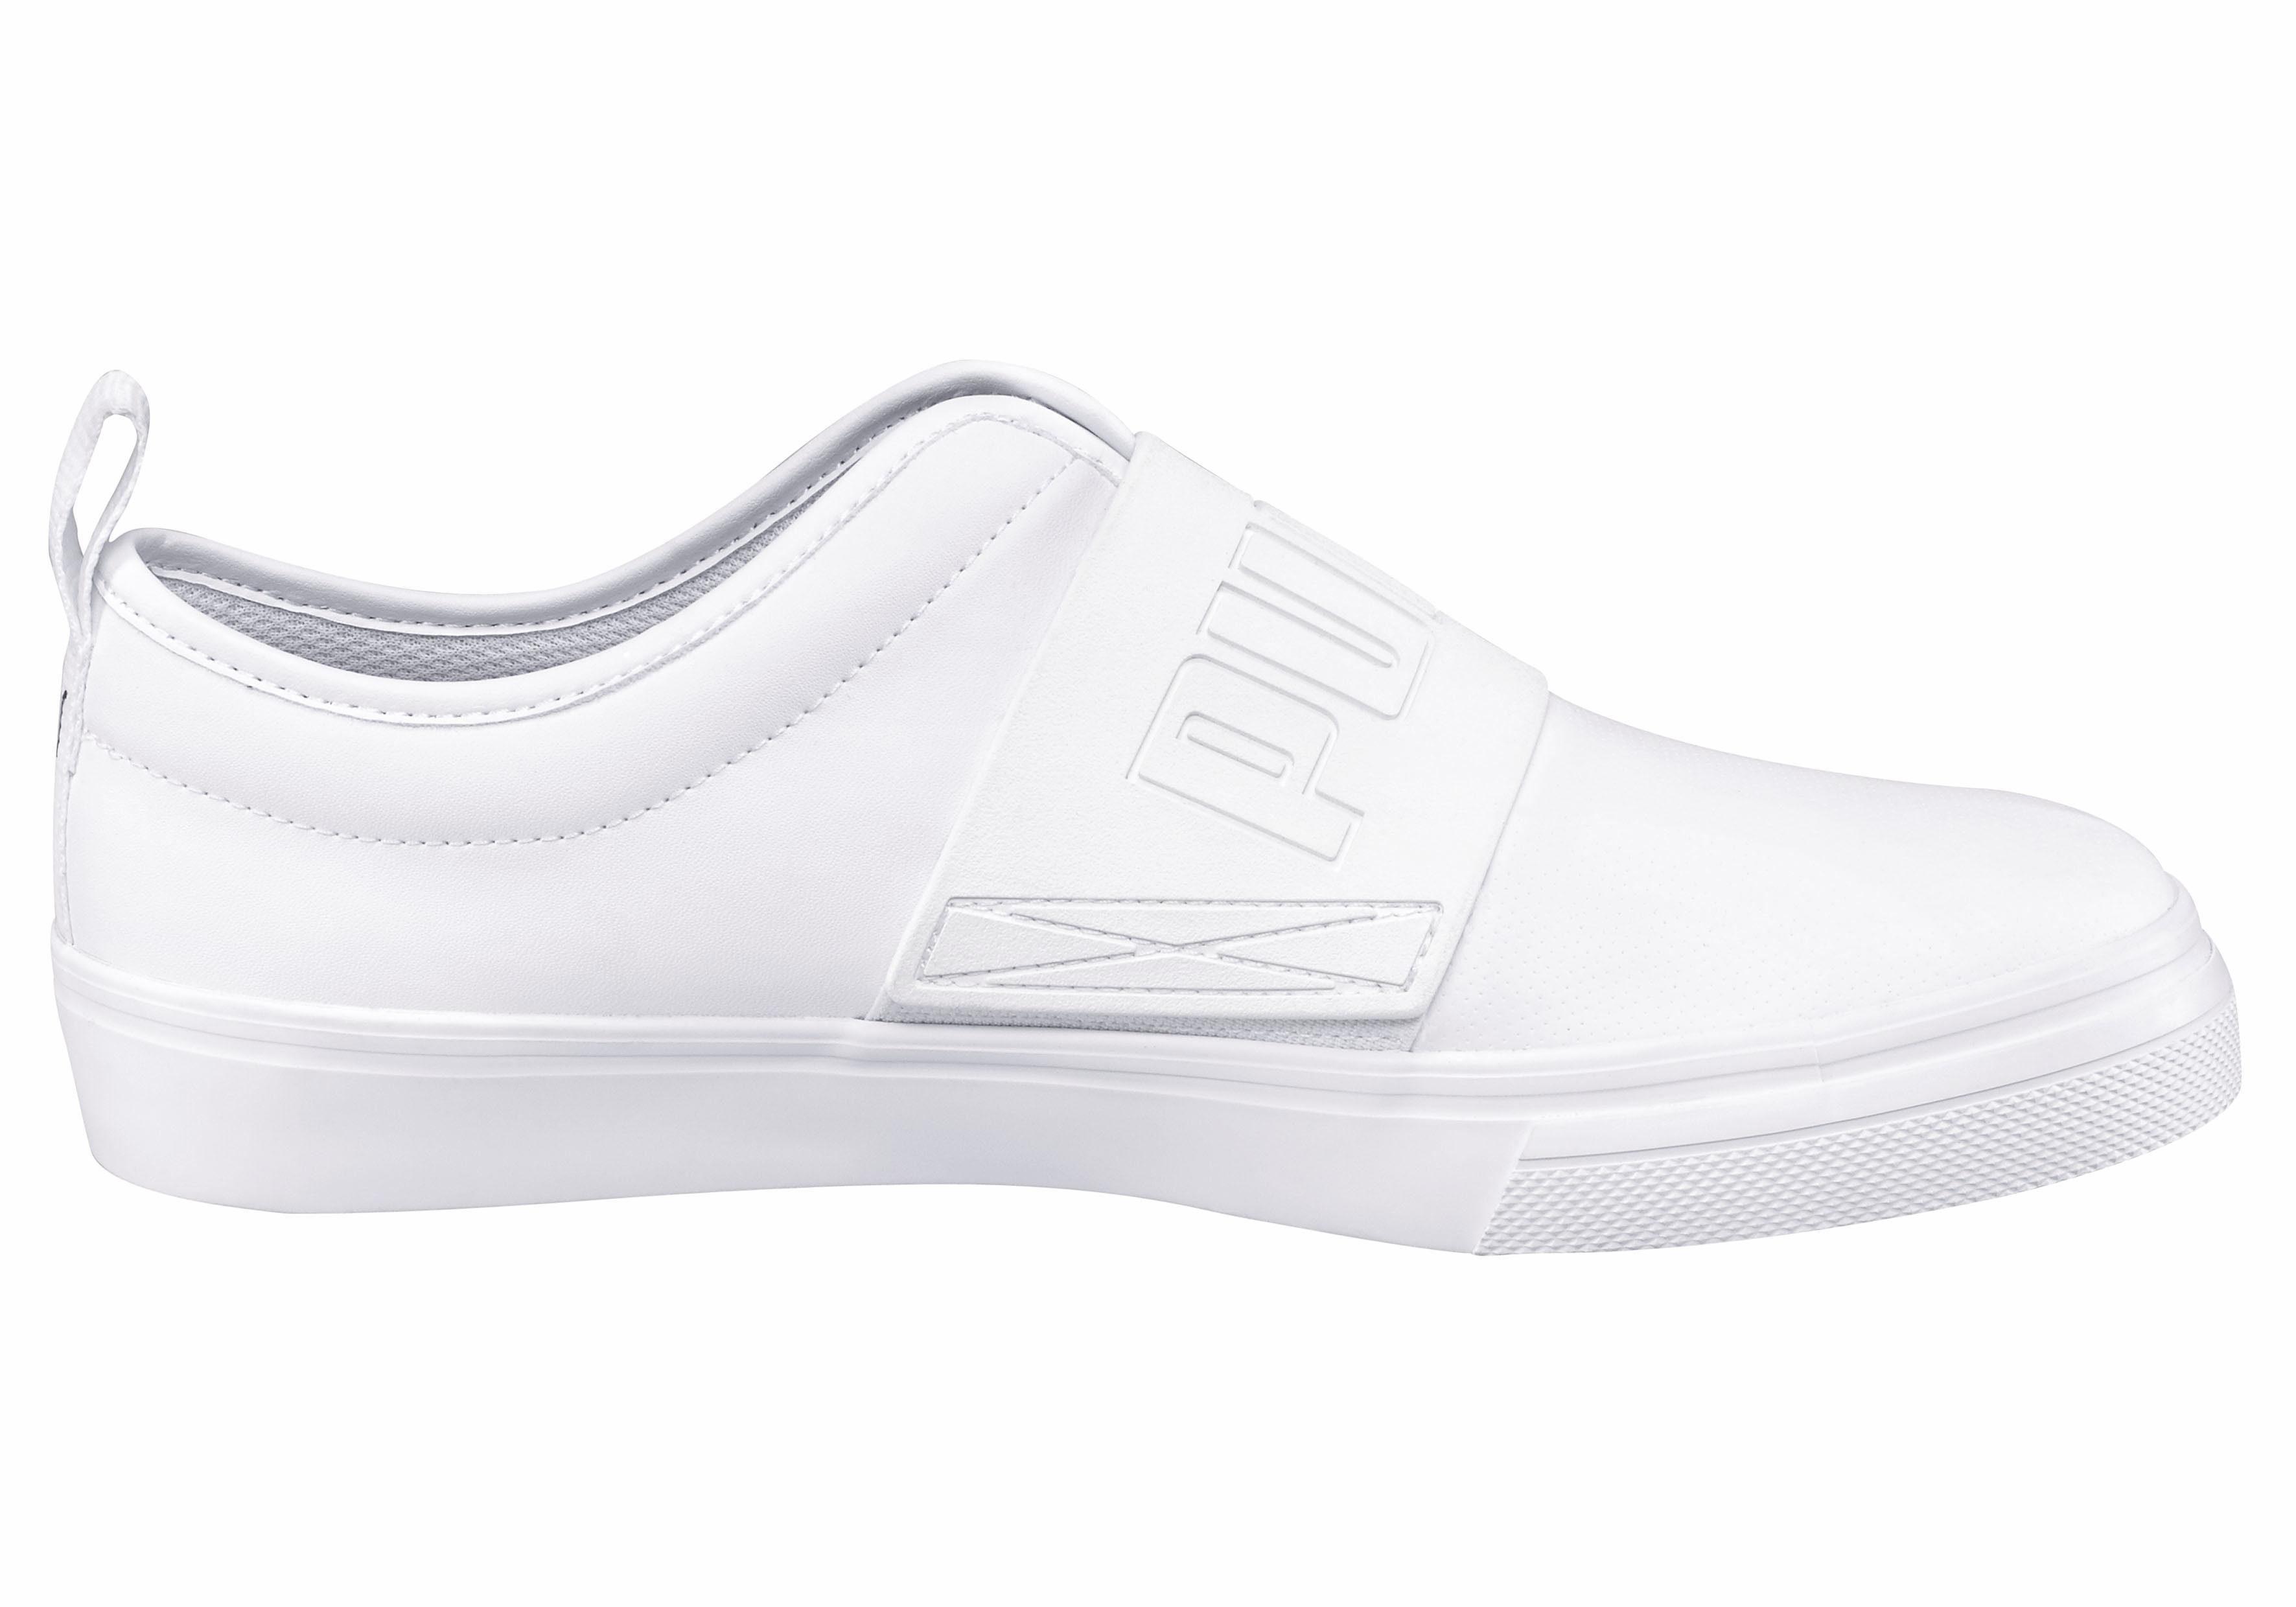 Blanc Puma El Rey Chaussures Avec Velcro Pour Les Hommes 5mph8rG